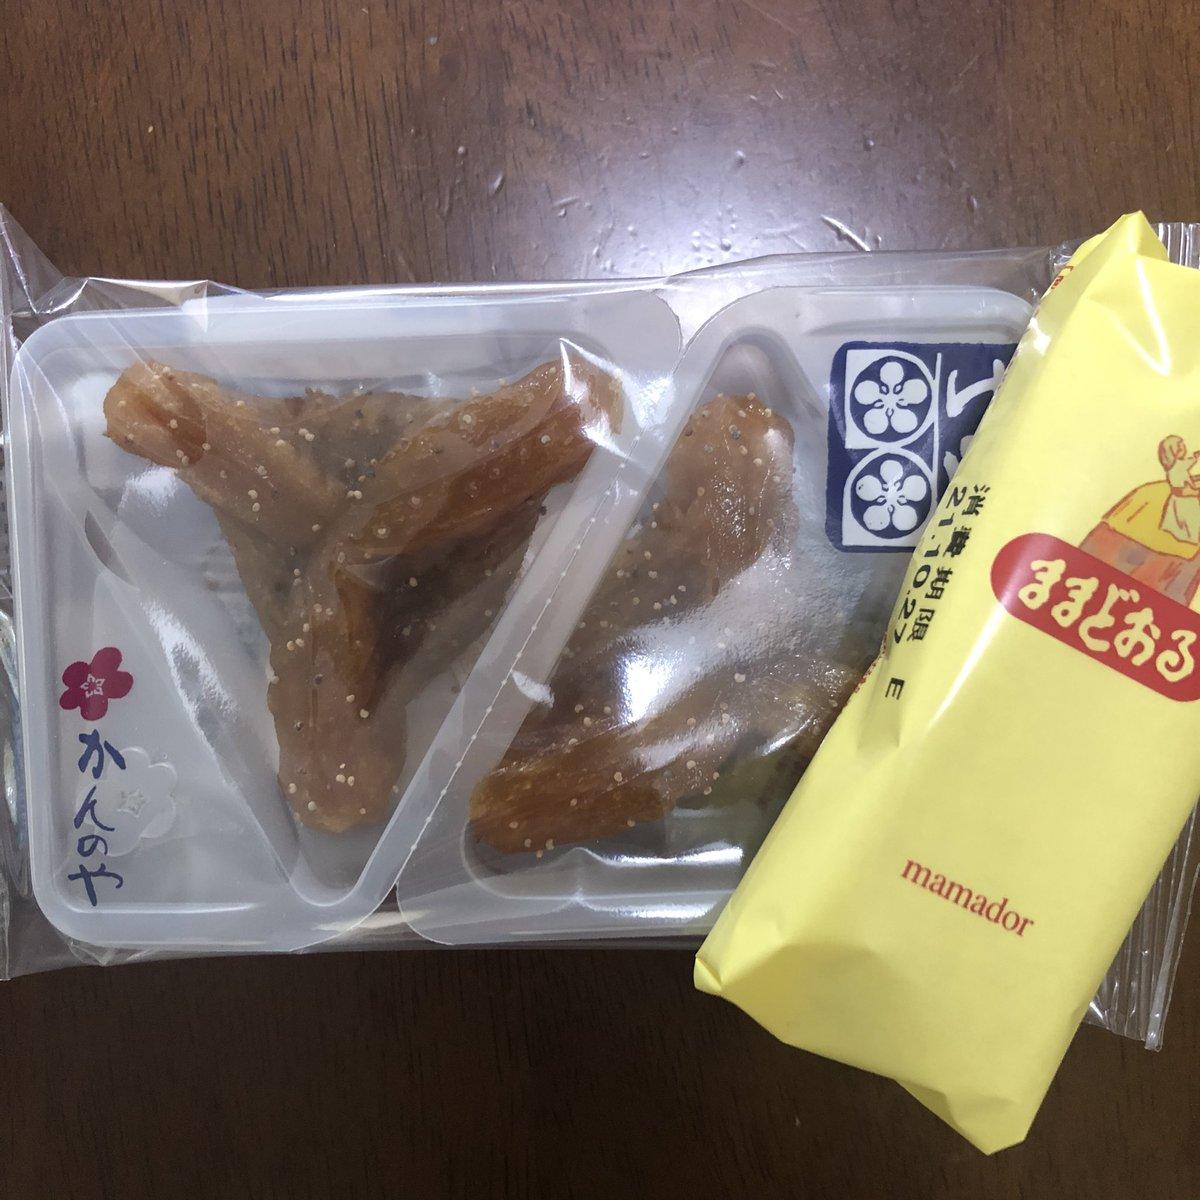 test ツイッターメディア - お昼食べずにおやつ食べようとしてます  福島行くことあったら絶対に買ってくださいまし ままどおるは牛乳と一緒にね😋😋 https://t.co/NXLiuqIlyf